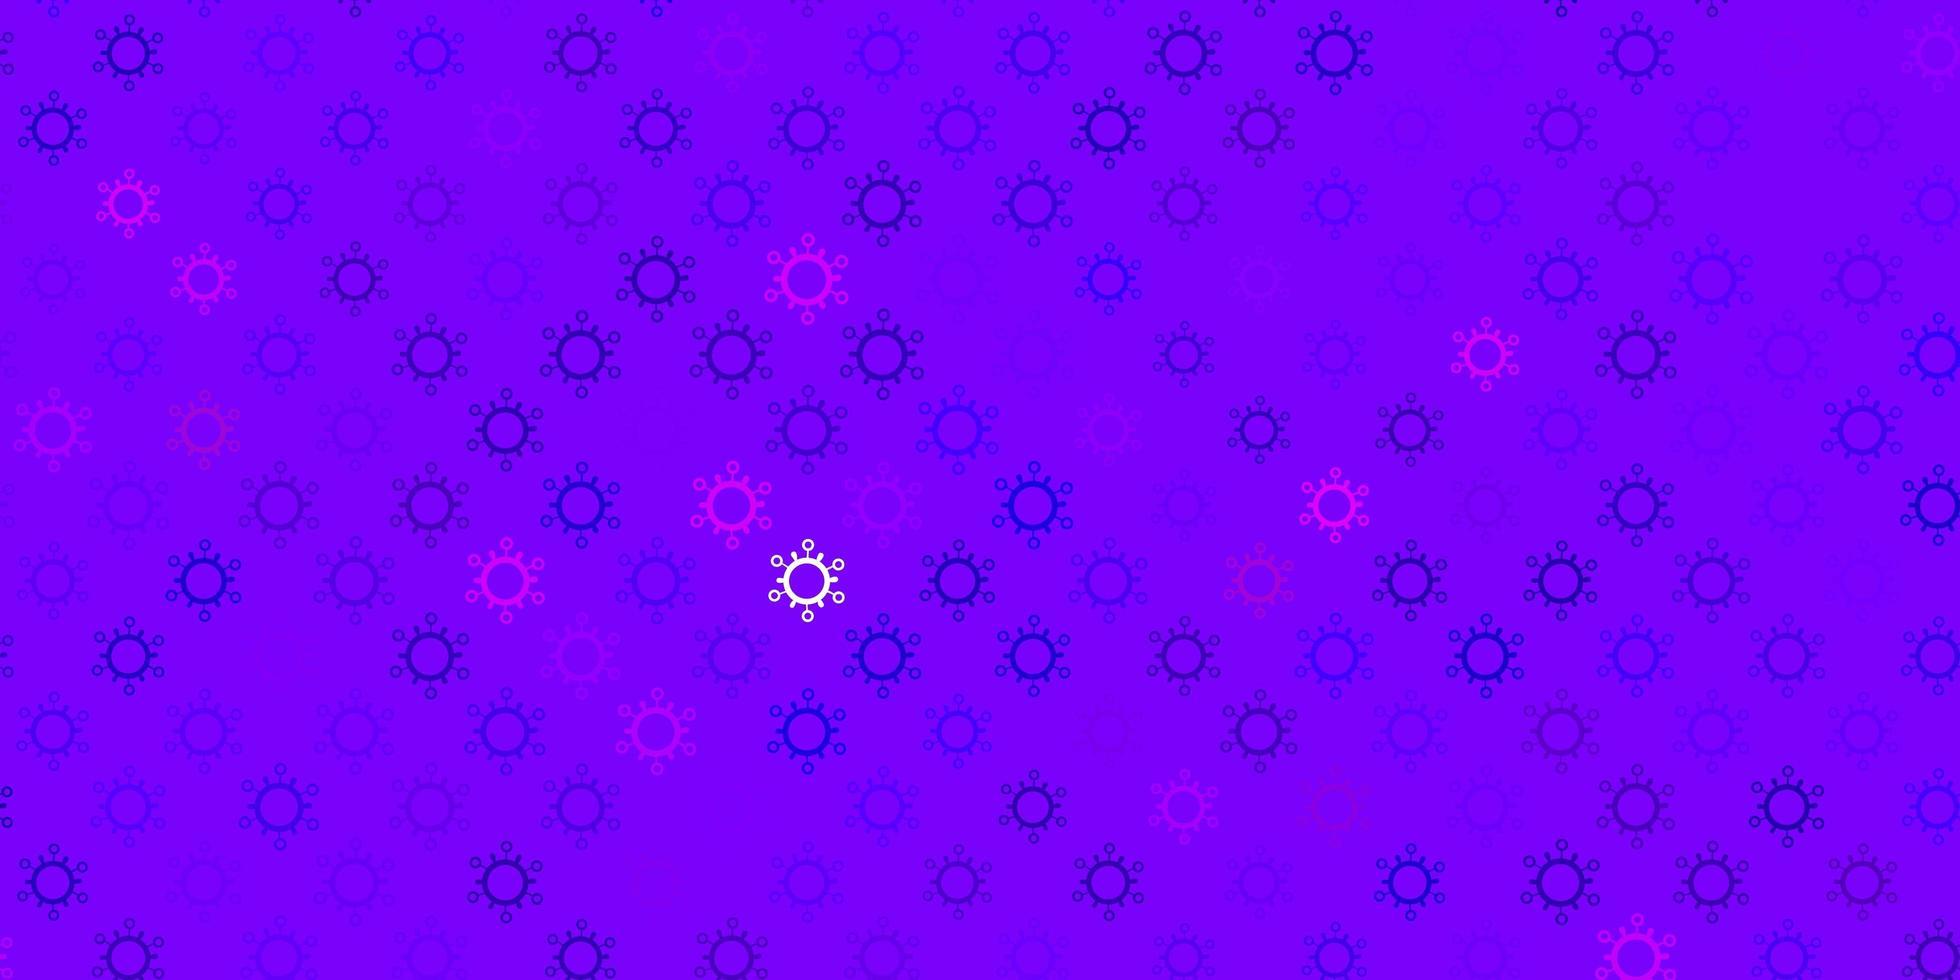 fundo vector roxo escuro, rosa com símbolos covid-19